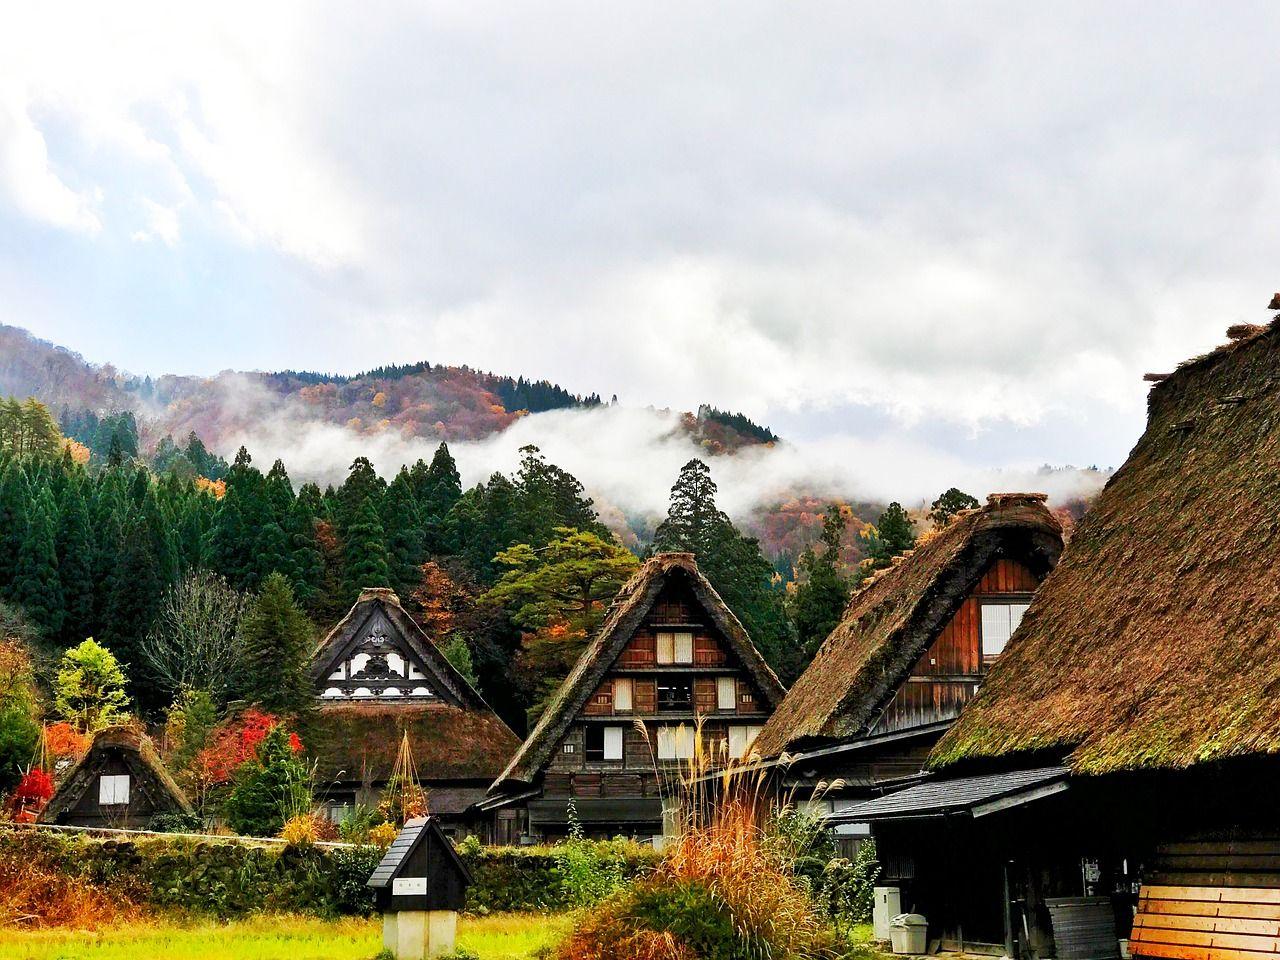 北陸立山紅葉、合掌屋兼六園楓情、名古屋魅力遊5日